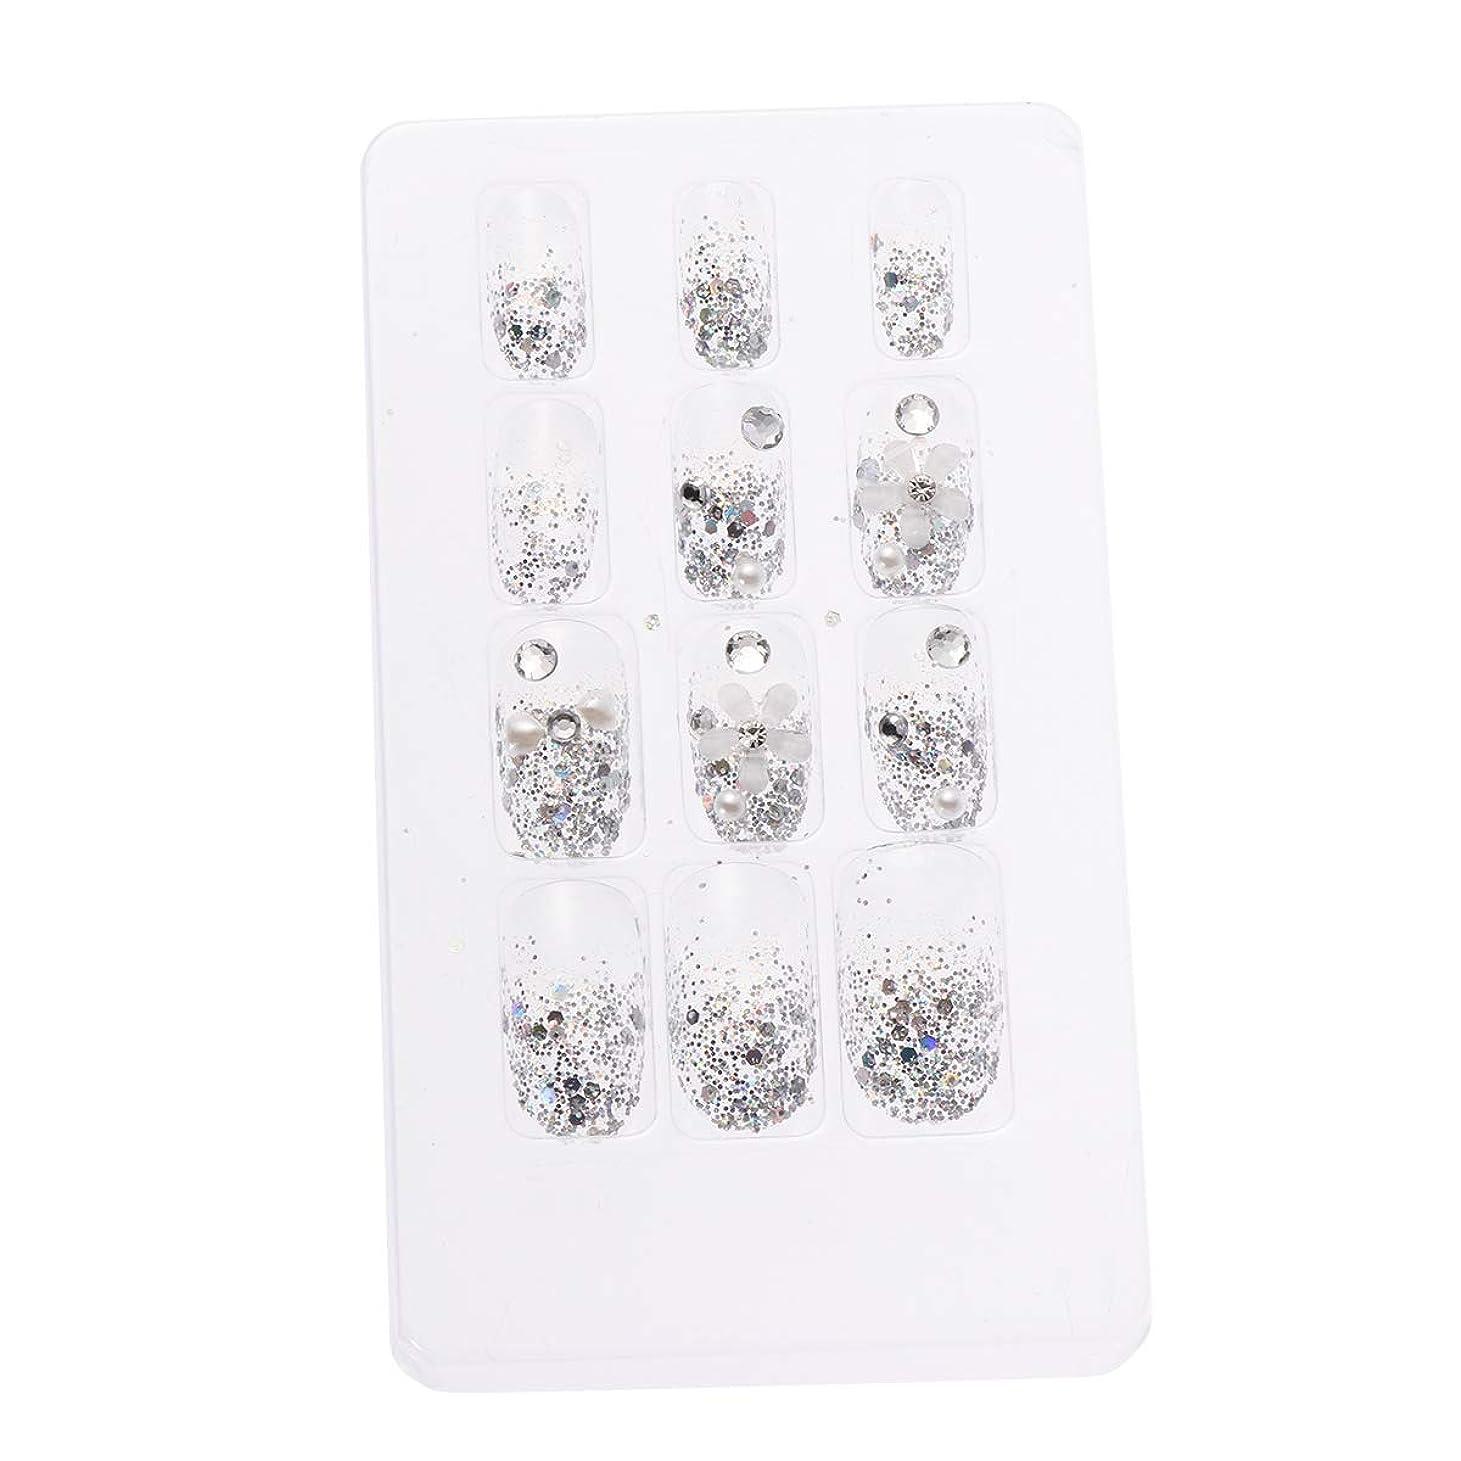 名声どちらかバストLURROSE 24ピースネイルステッカー 人工ダイヤモンド装飾ネイルアート用ブライダル女性